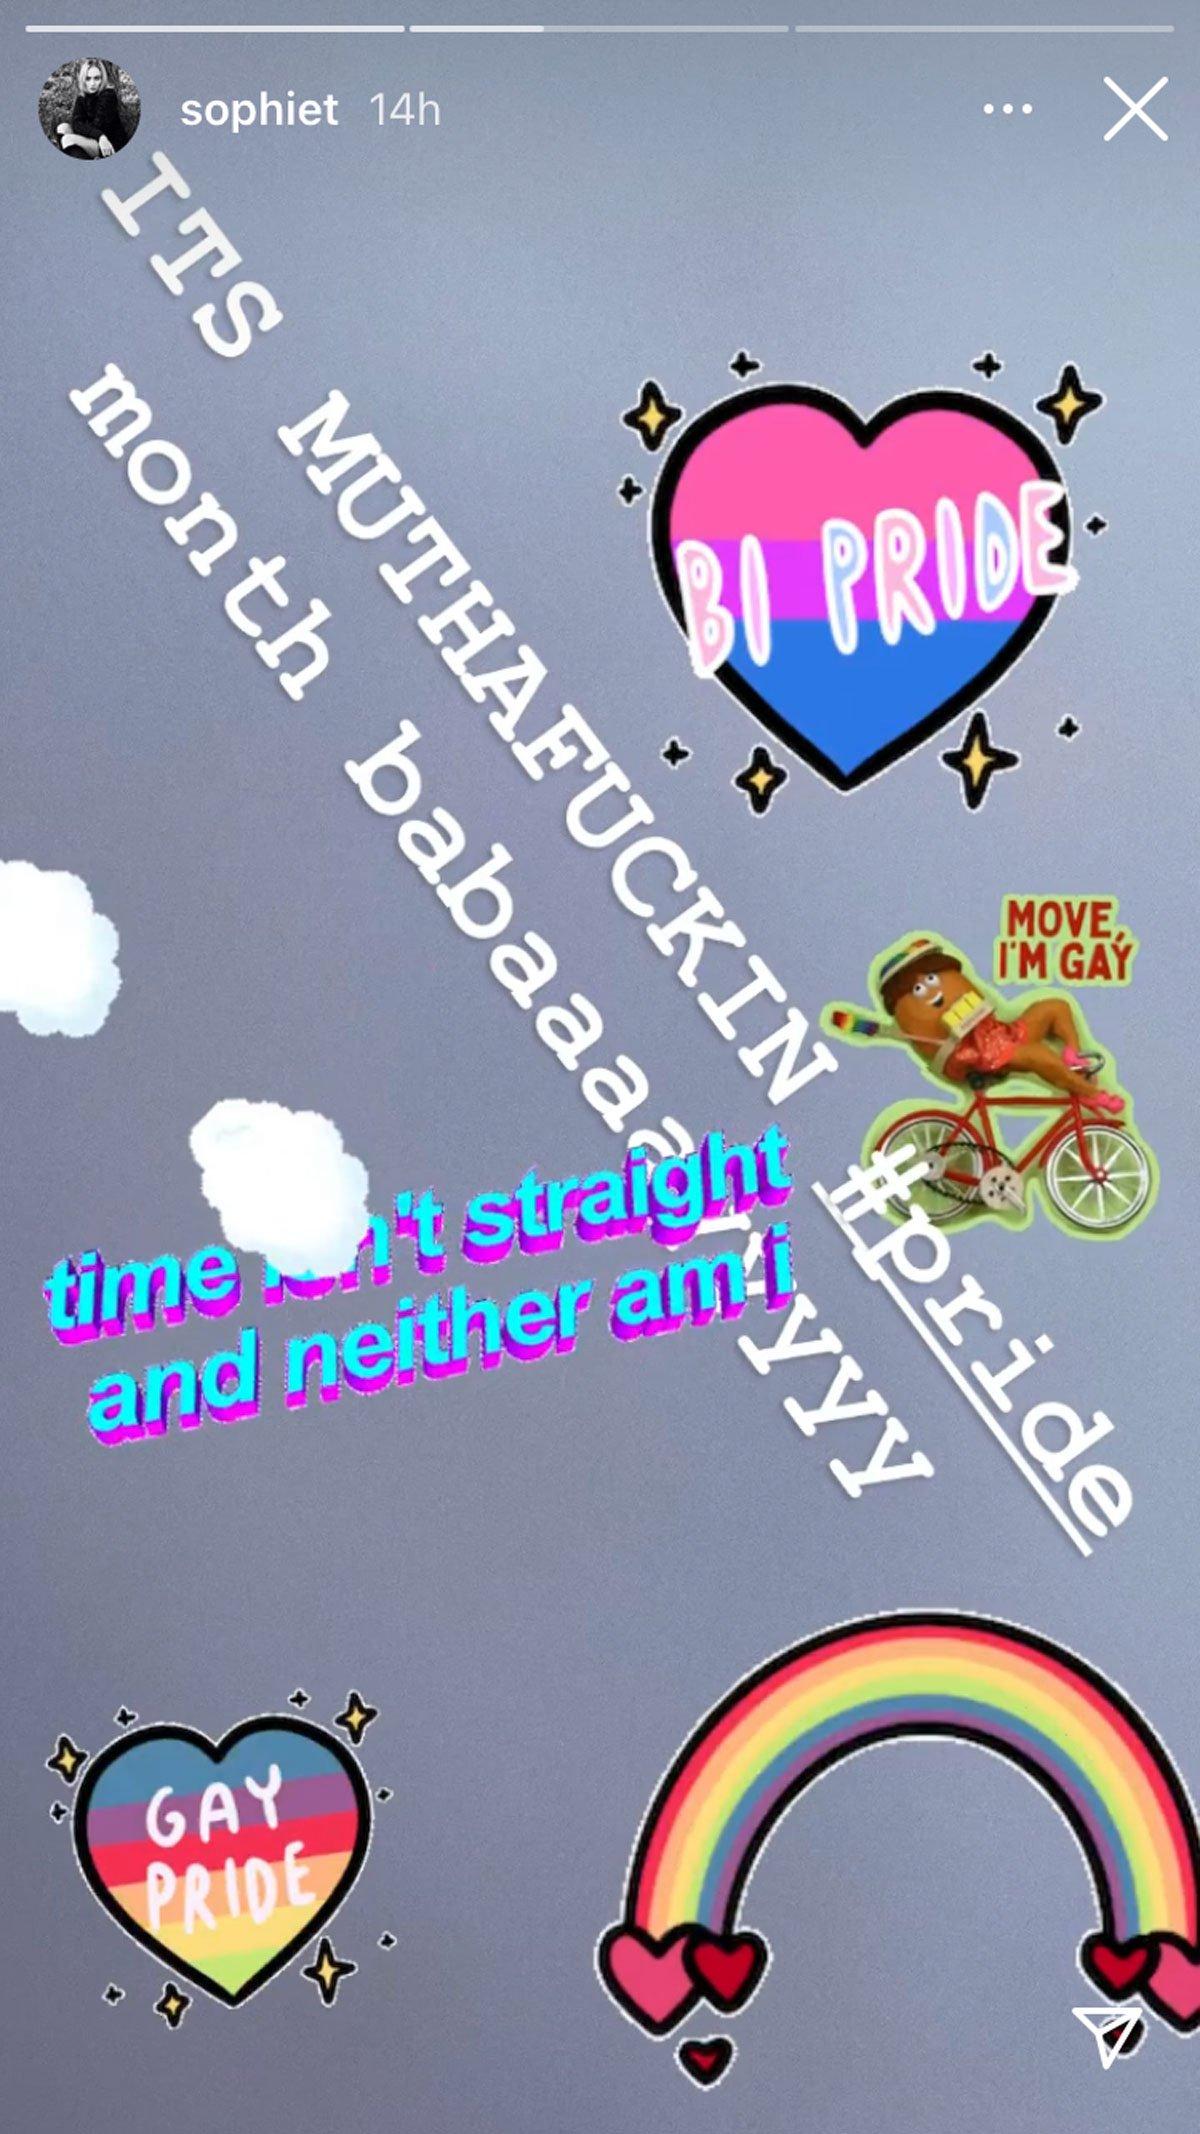 sophie turner pride month post